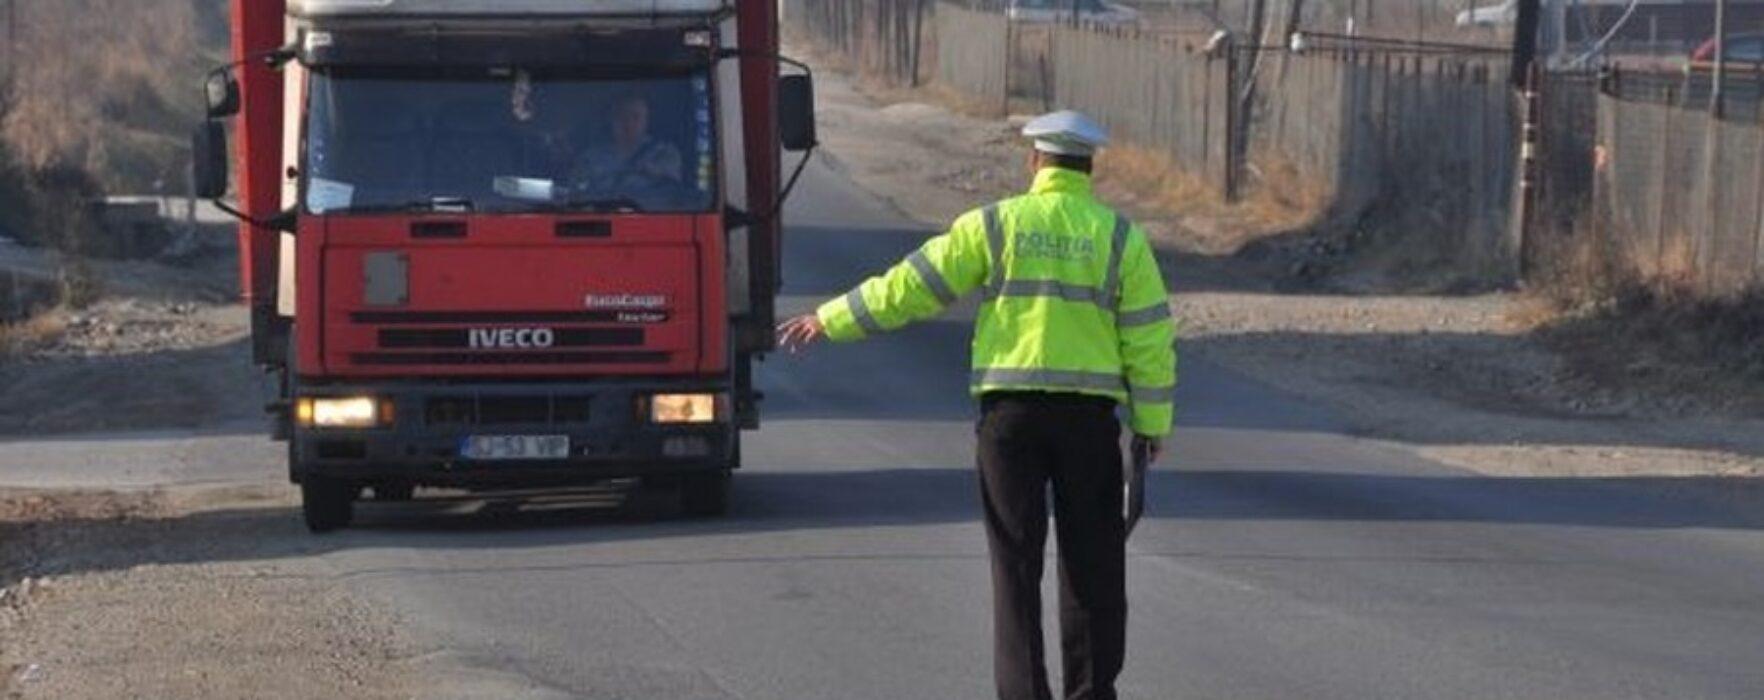 Poliţia Dâmboviţa: Controale privind transportul de mărfuri şi persoane